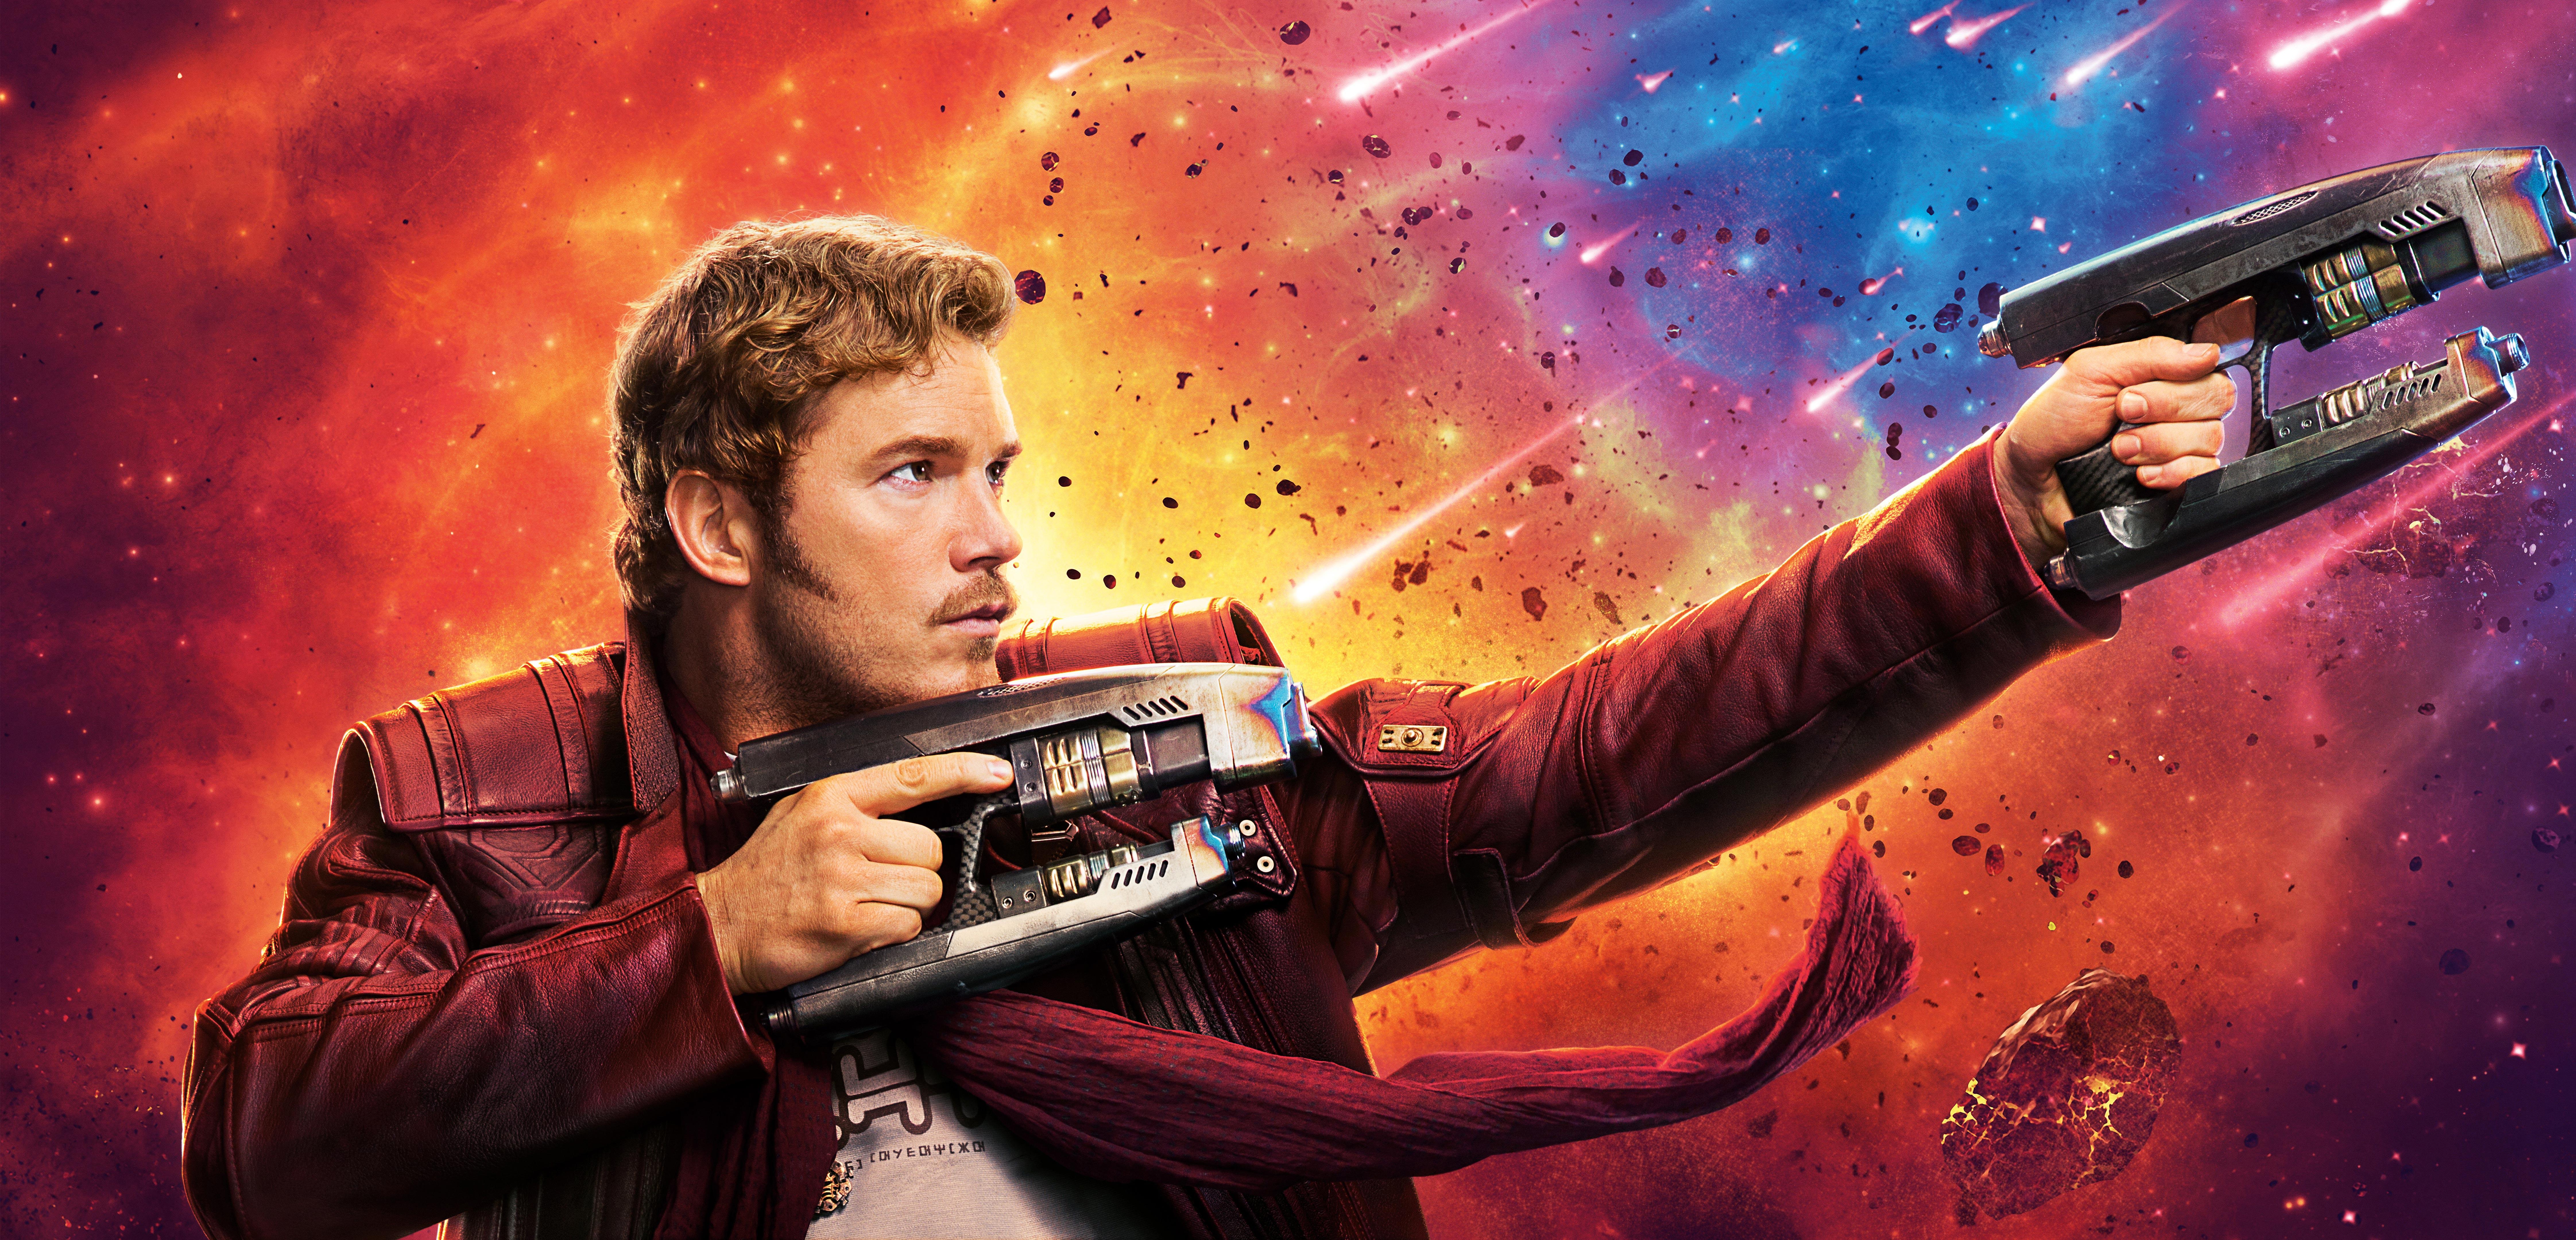 Star Lord Guardians Of The Galaxy Vol 2 4k 8k Hd Movies 4k